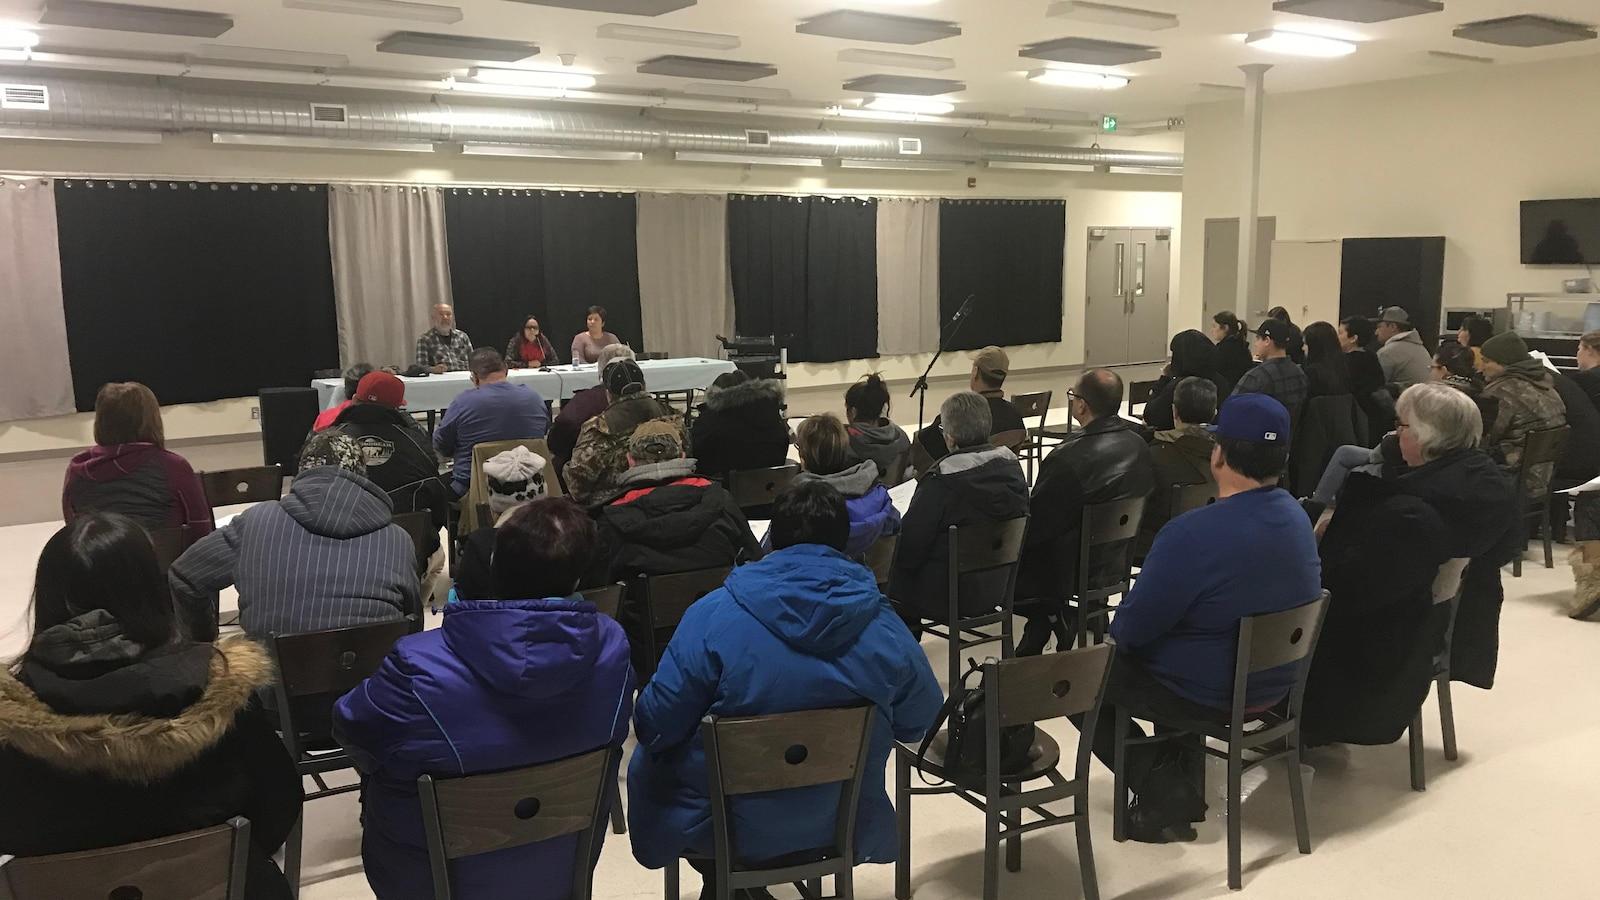 Une cinquantaine de personnes sont assis sur une chaise dans une salle en regardant 3 personnes qui parlent devant.